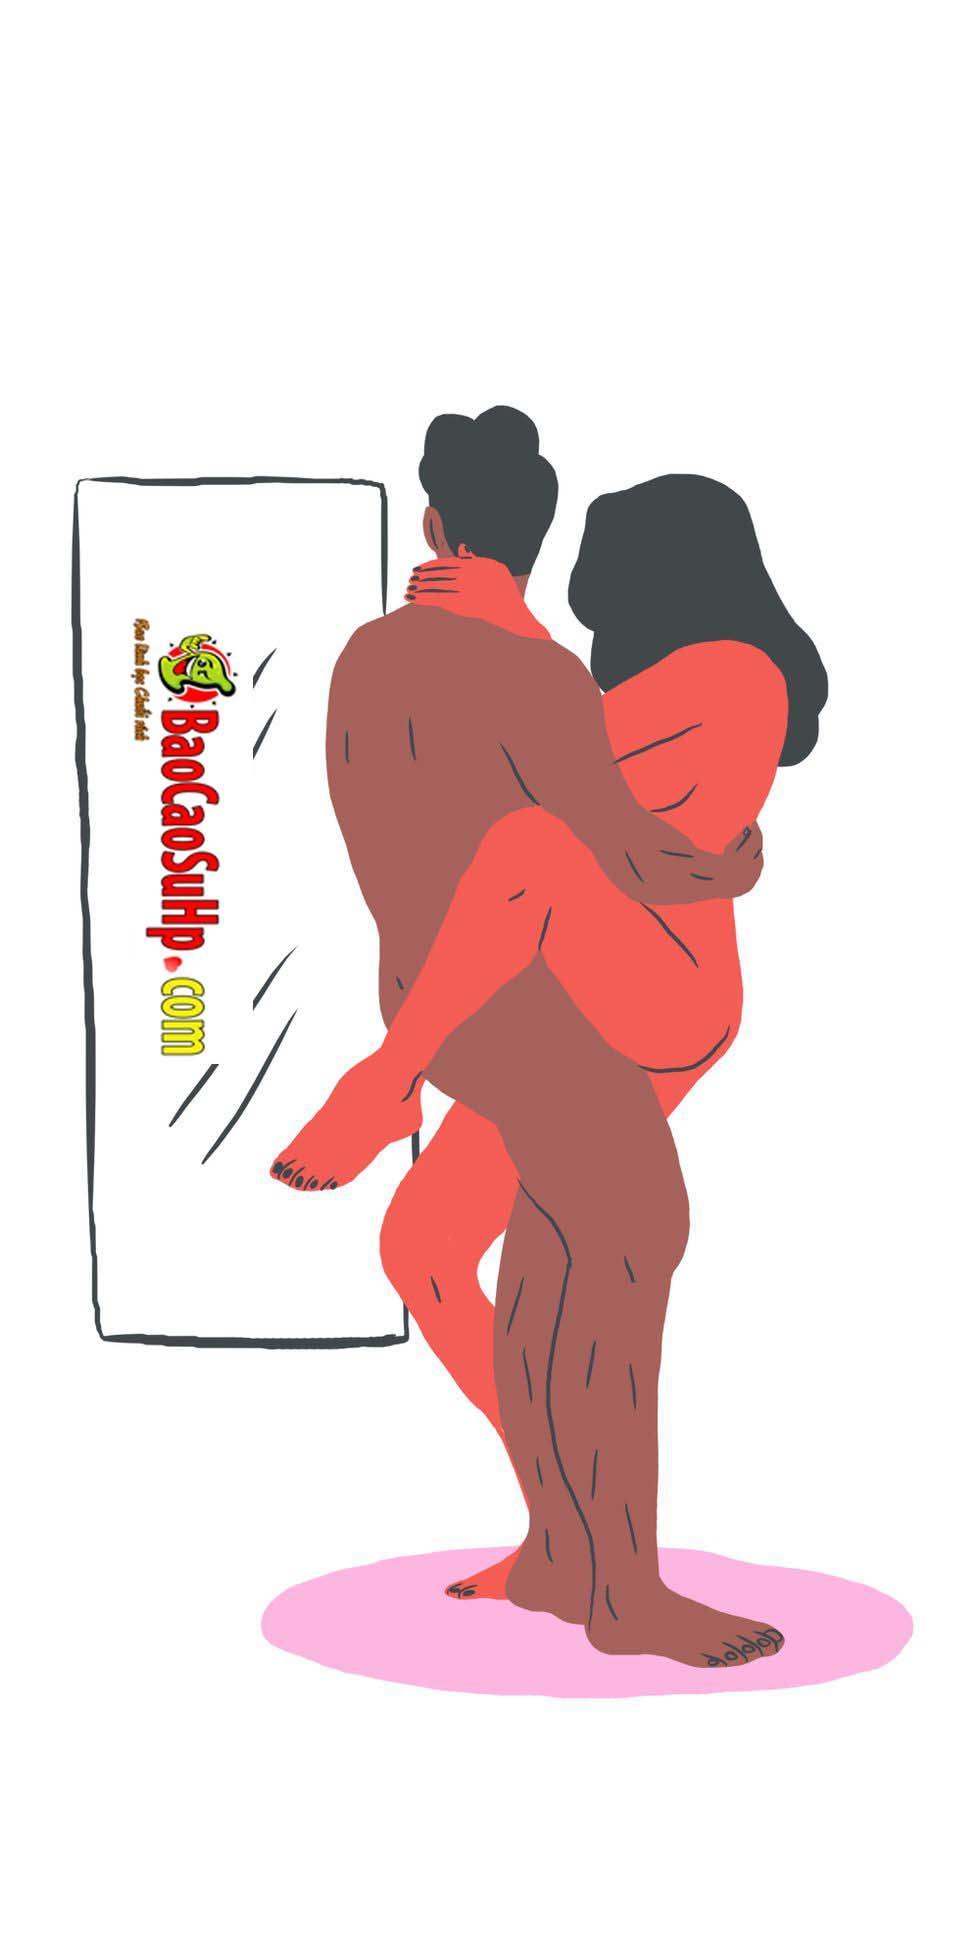 20190703184722 8724207 quan he trong khach san de dat cuc khoai 5 - 8 tư thế quan hệ tình dục tại khách sạn giúp kì nghỉ của bạn trở nên nóng bỏng